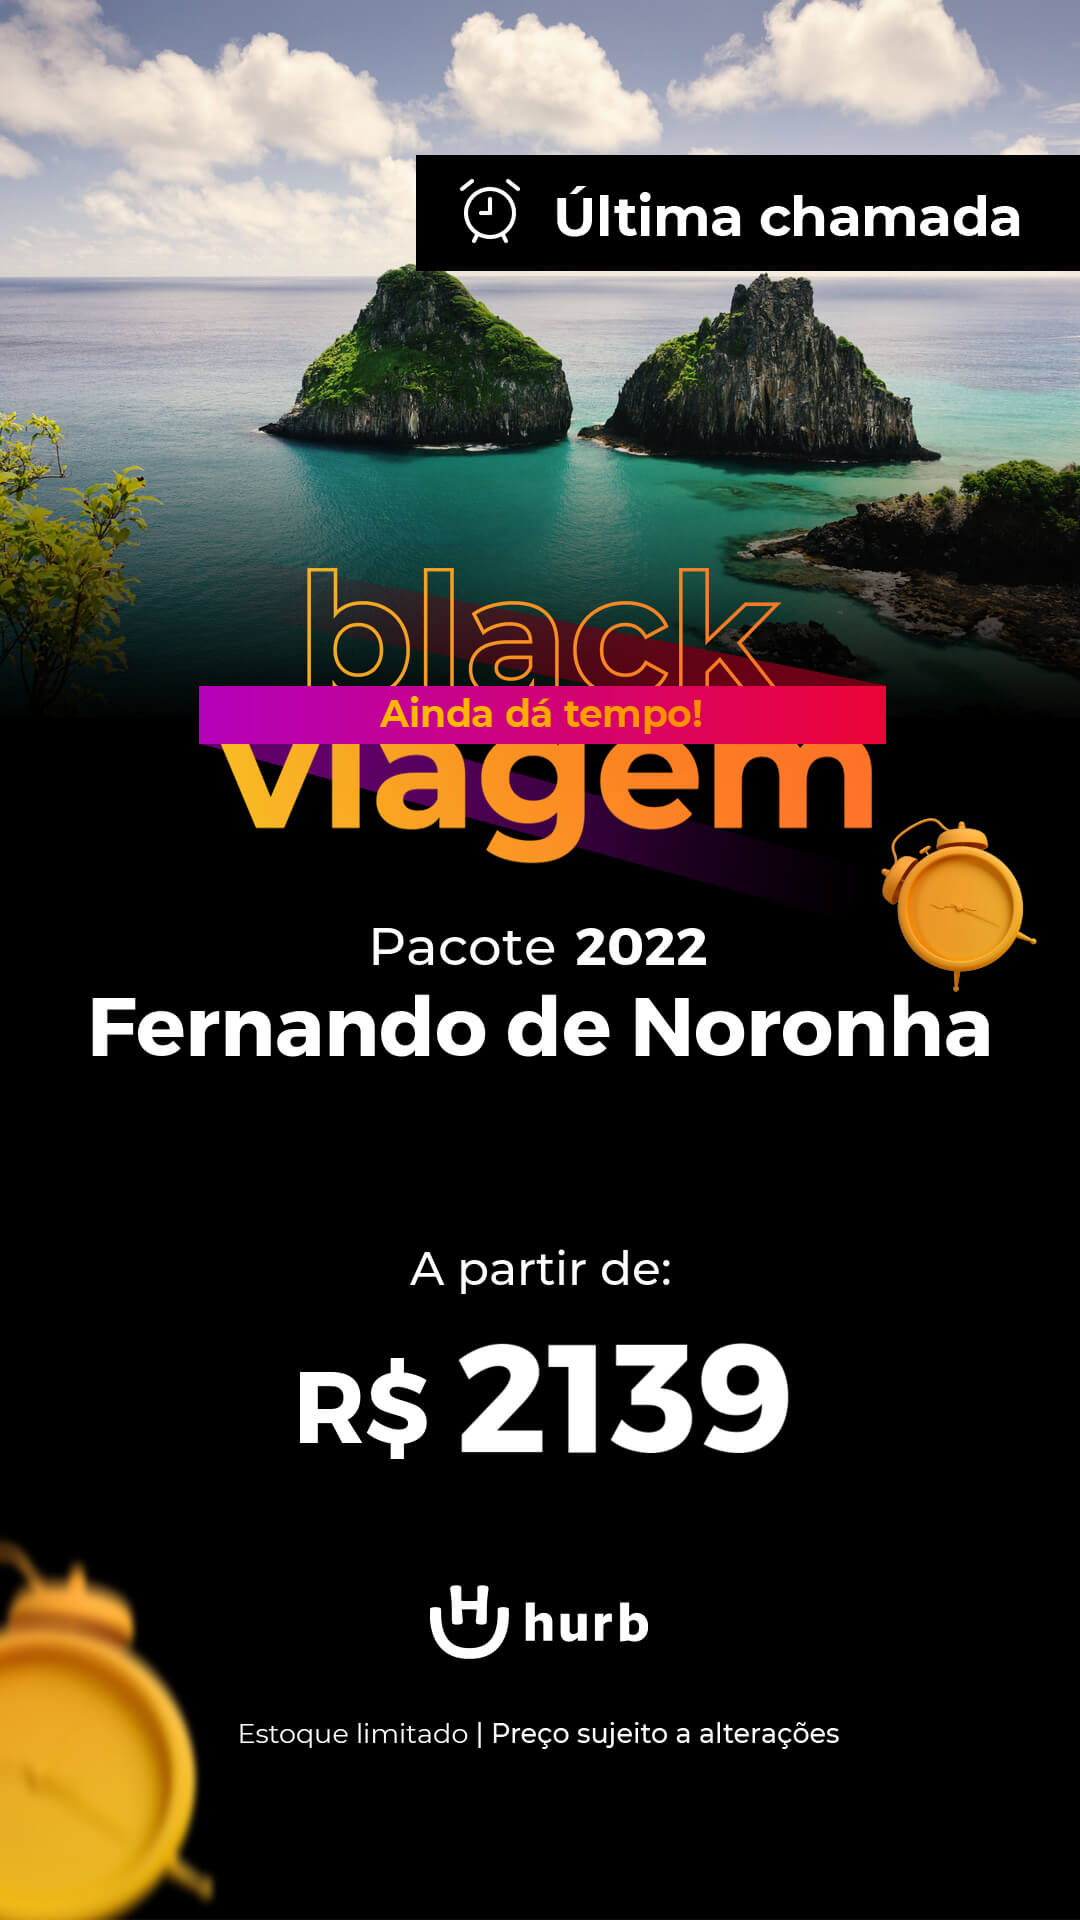 pacote fernando de noronha 2022 black viagem